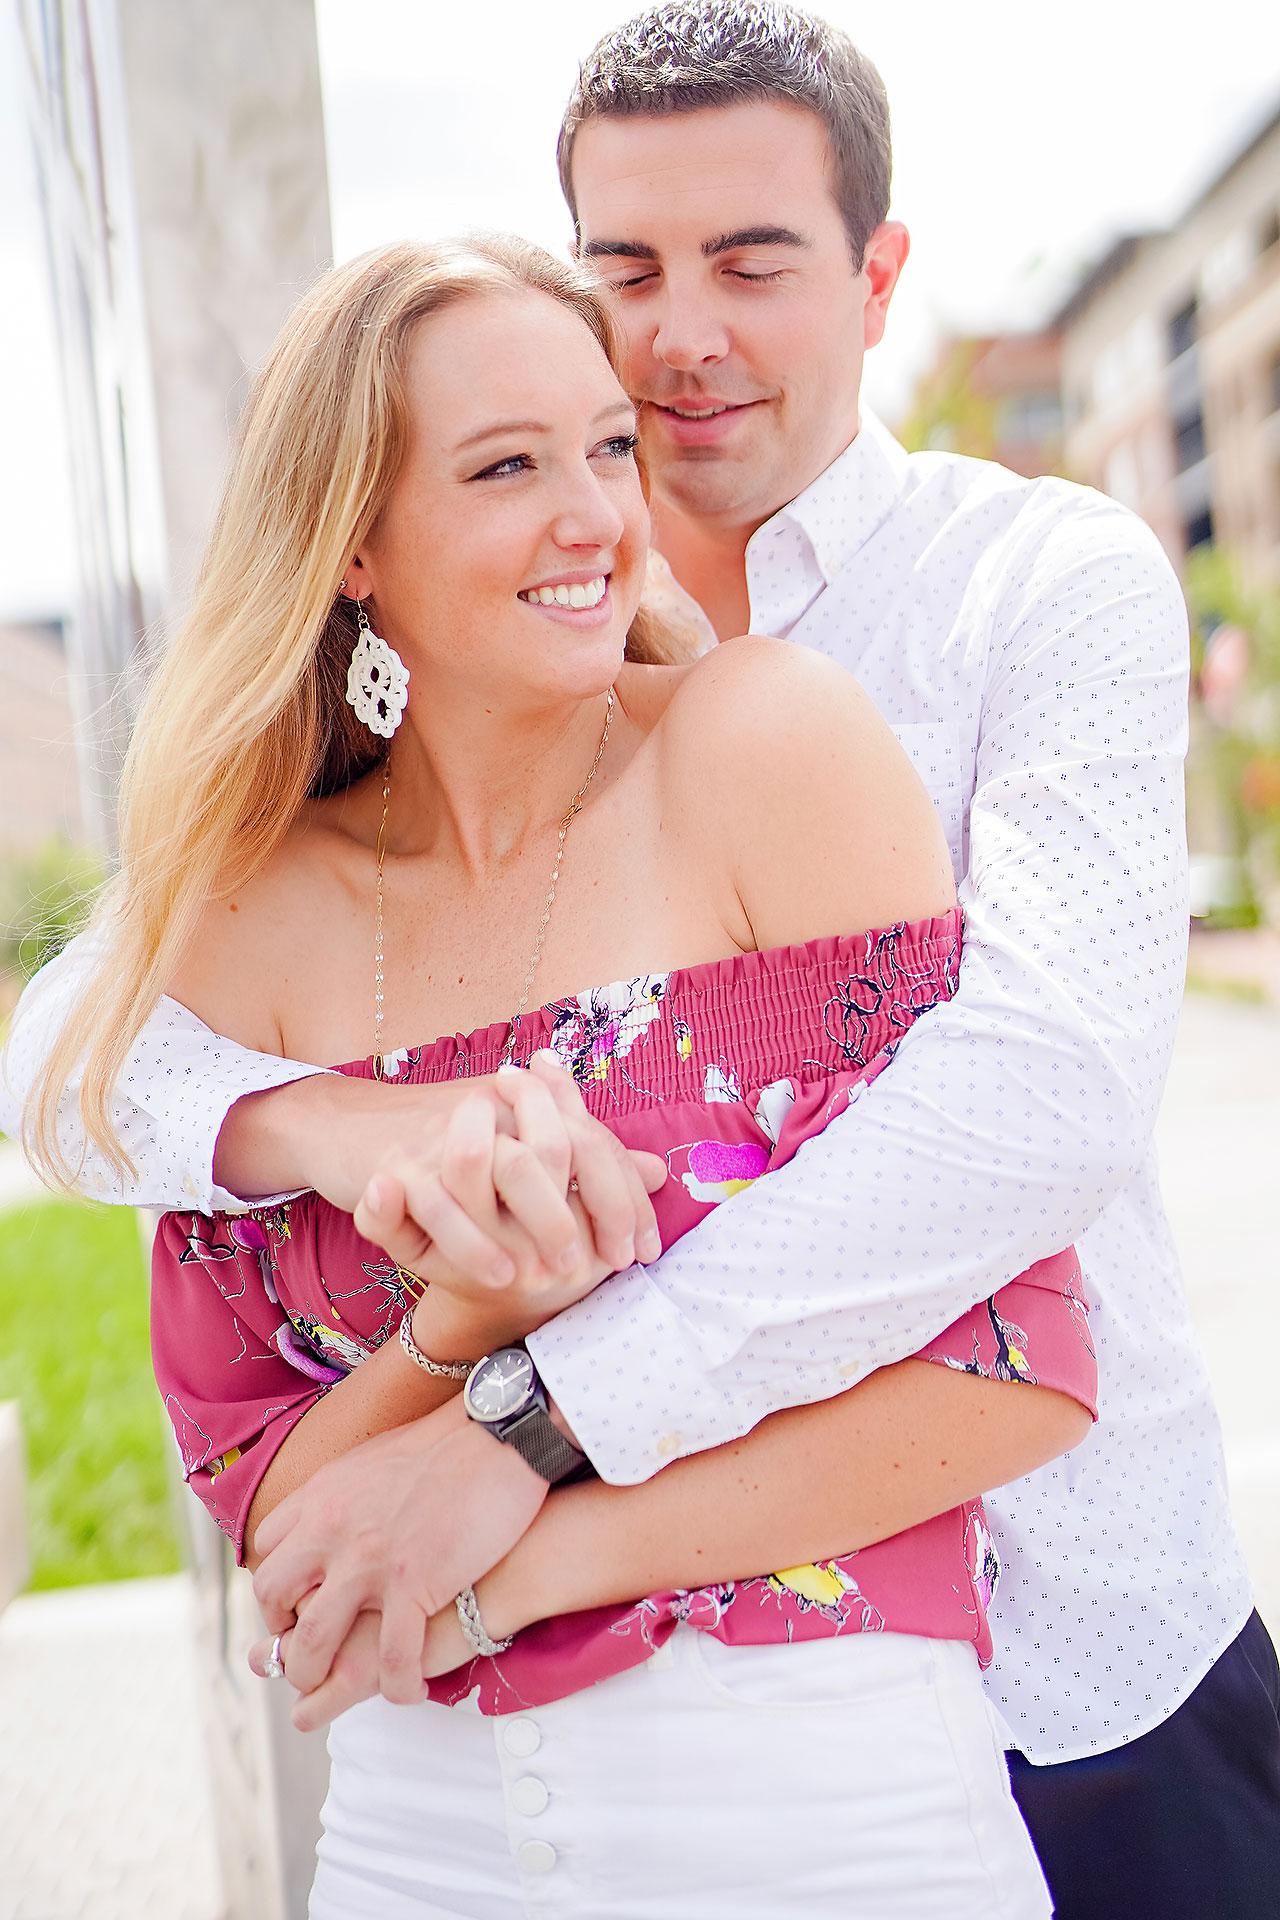 Liz Zach Midtown Carmel Engagement Session 049